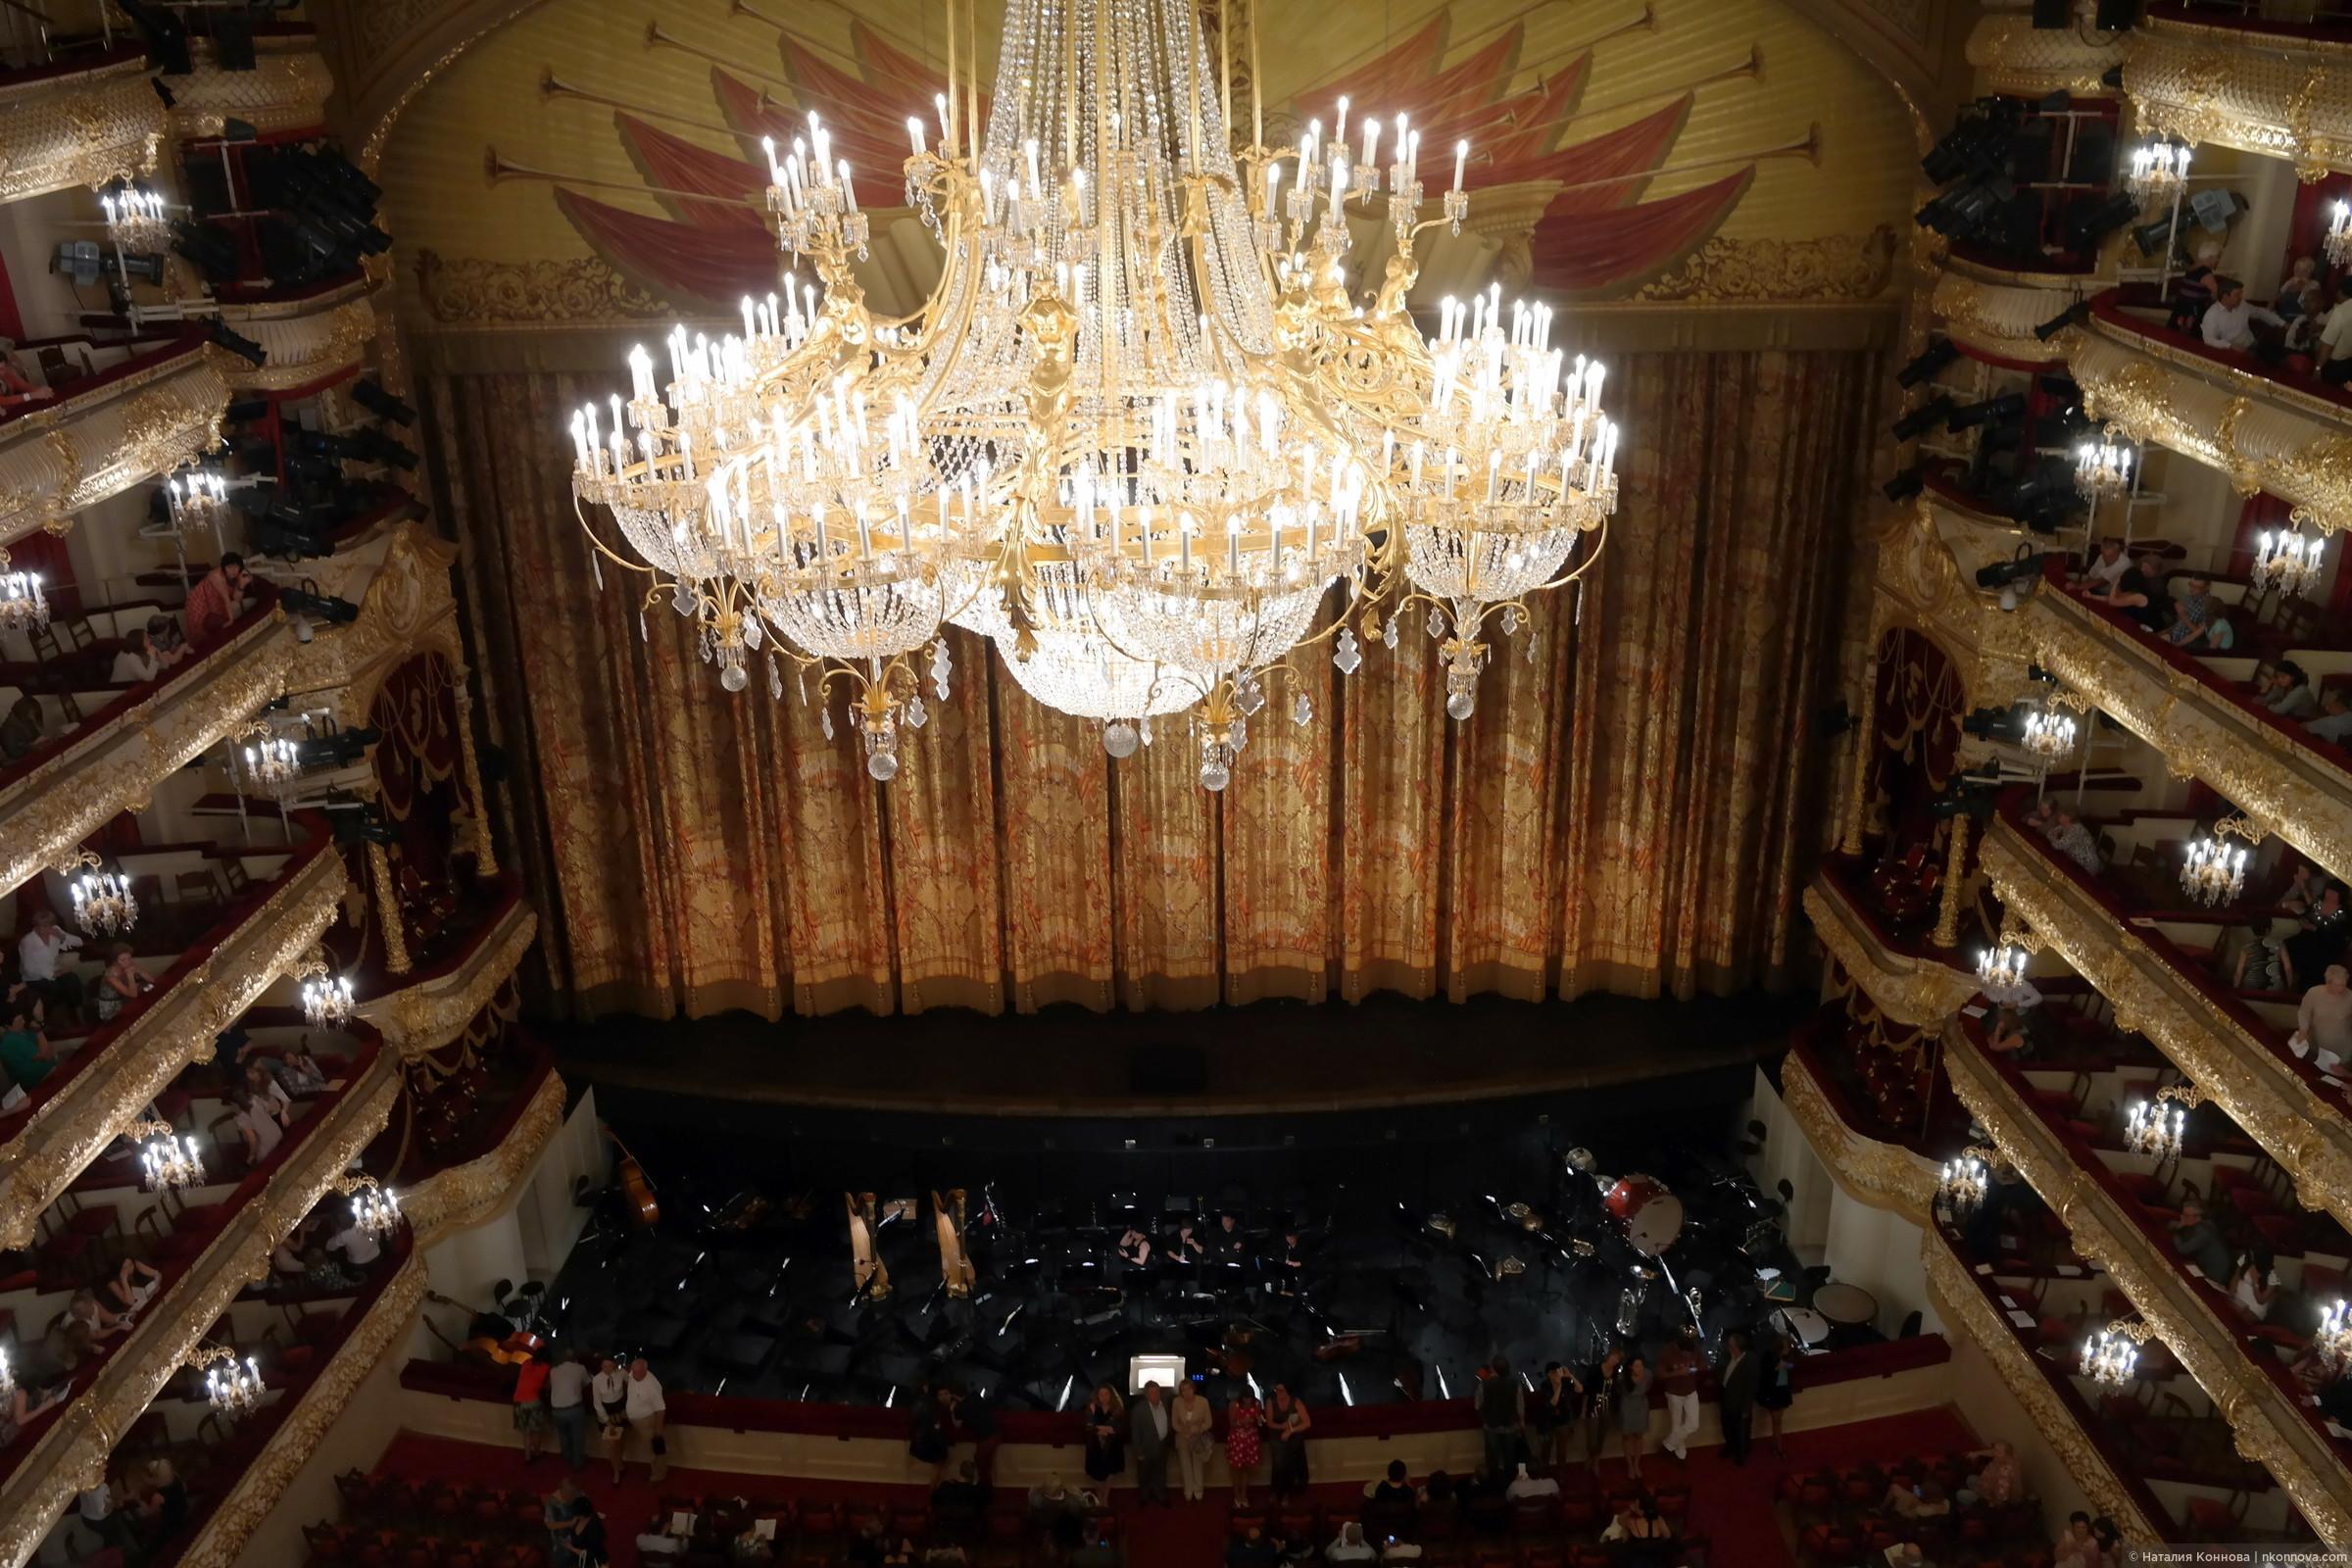 Изображение вид на зал с балкона 4го яруса (7ой этаж) из фот.